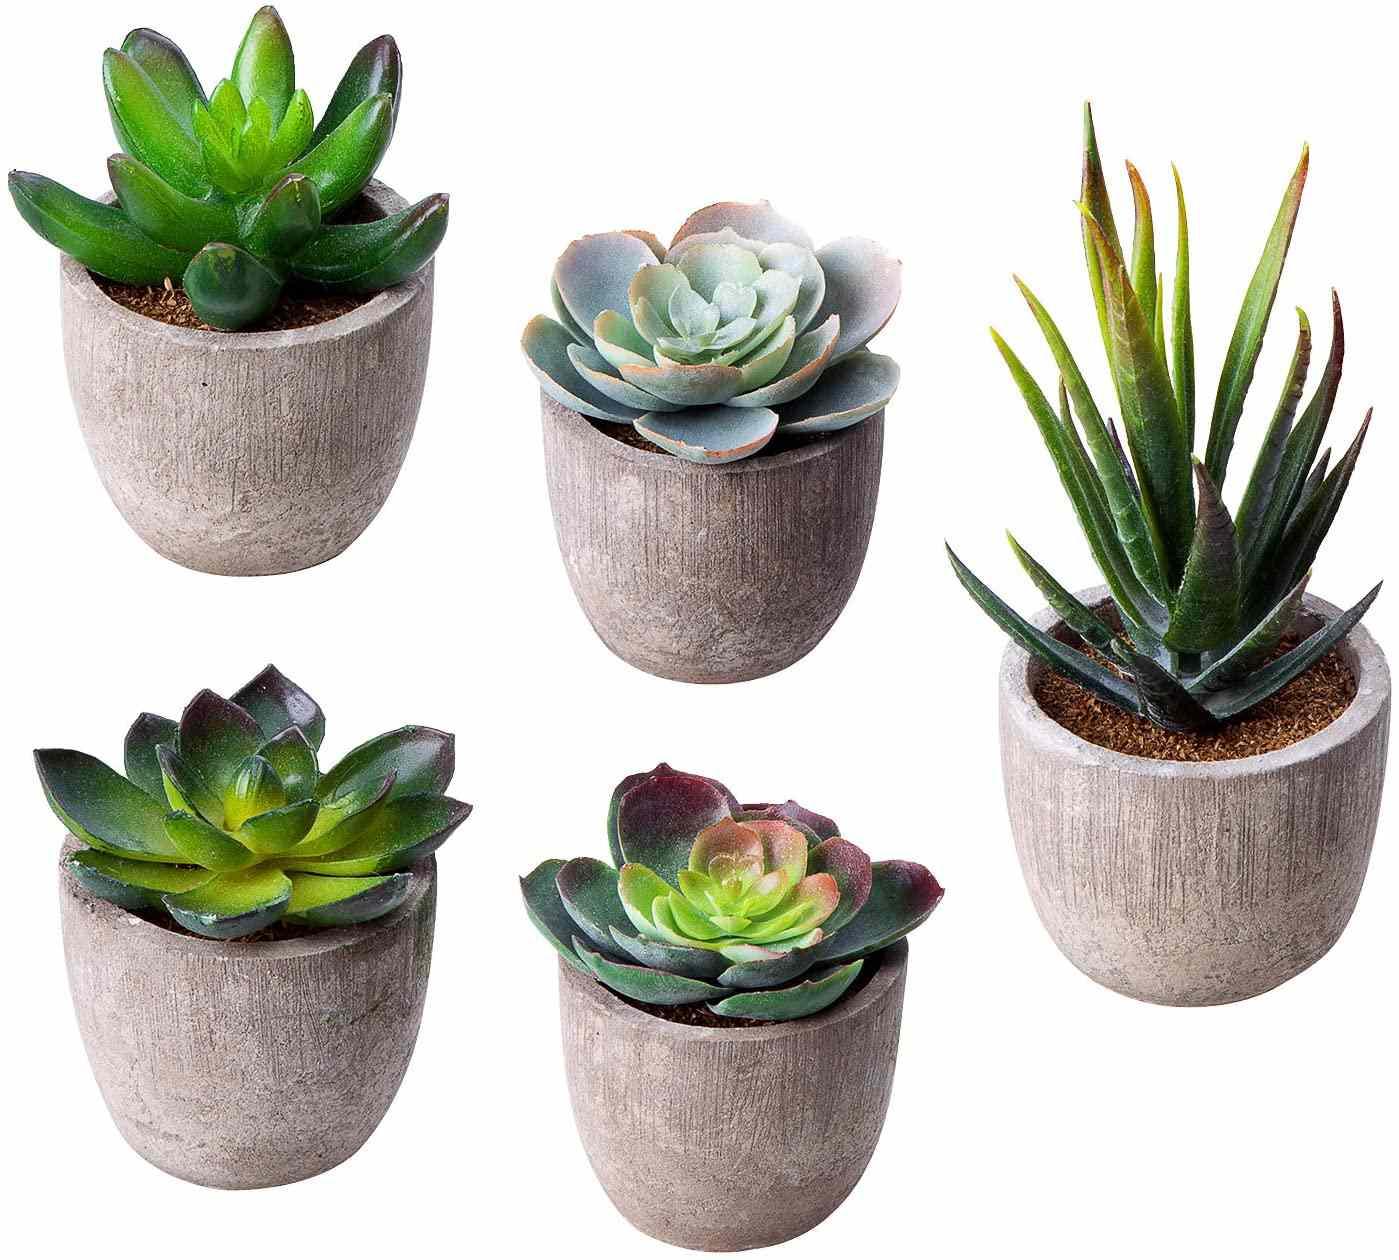 Artificial Succulent Plants, Set of 5